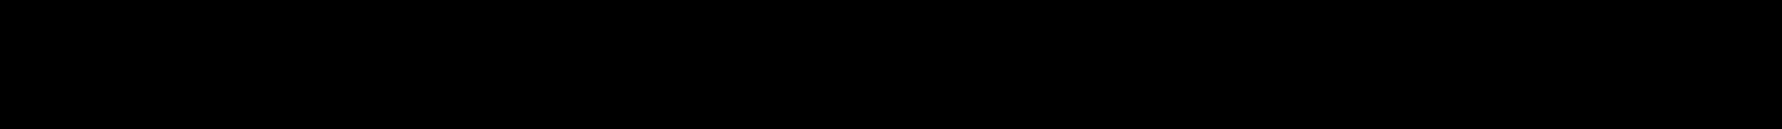 2021知到答案 大学物理Ⅱ-热学(黑龙江联盟) 完整智慧树网课章节测试答案